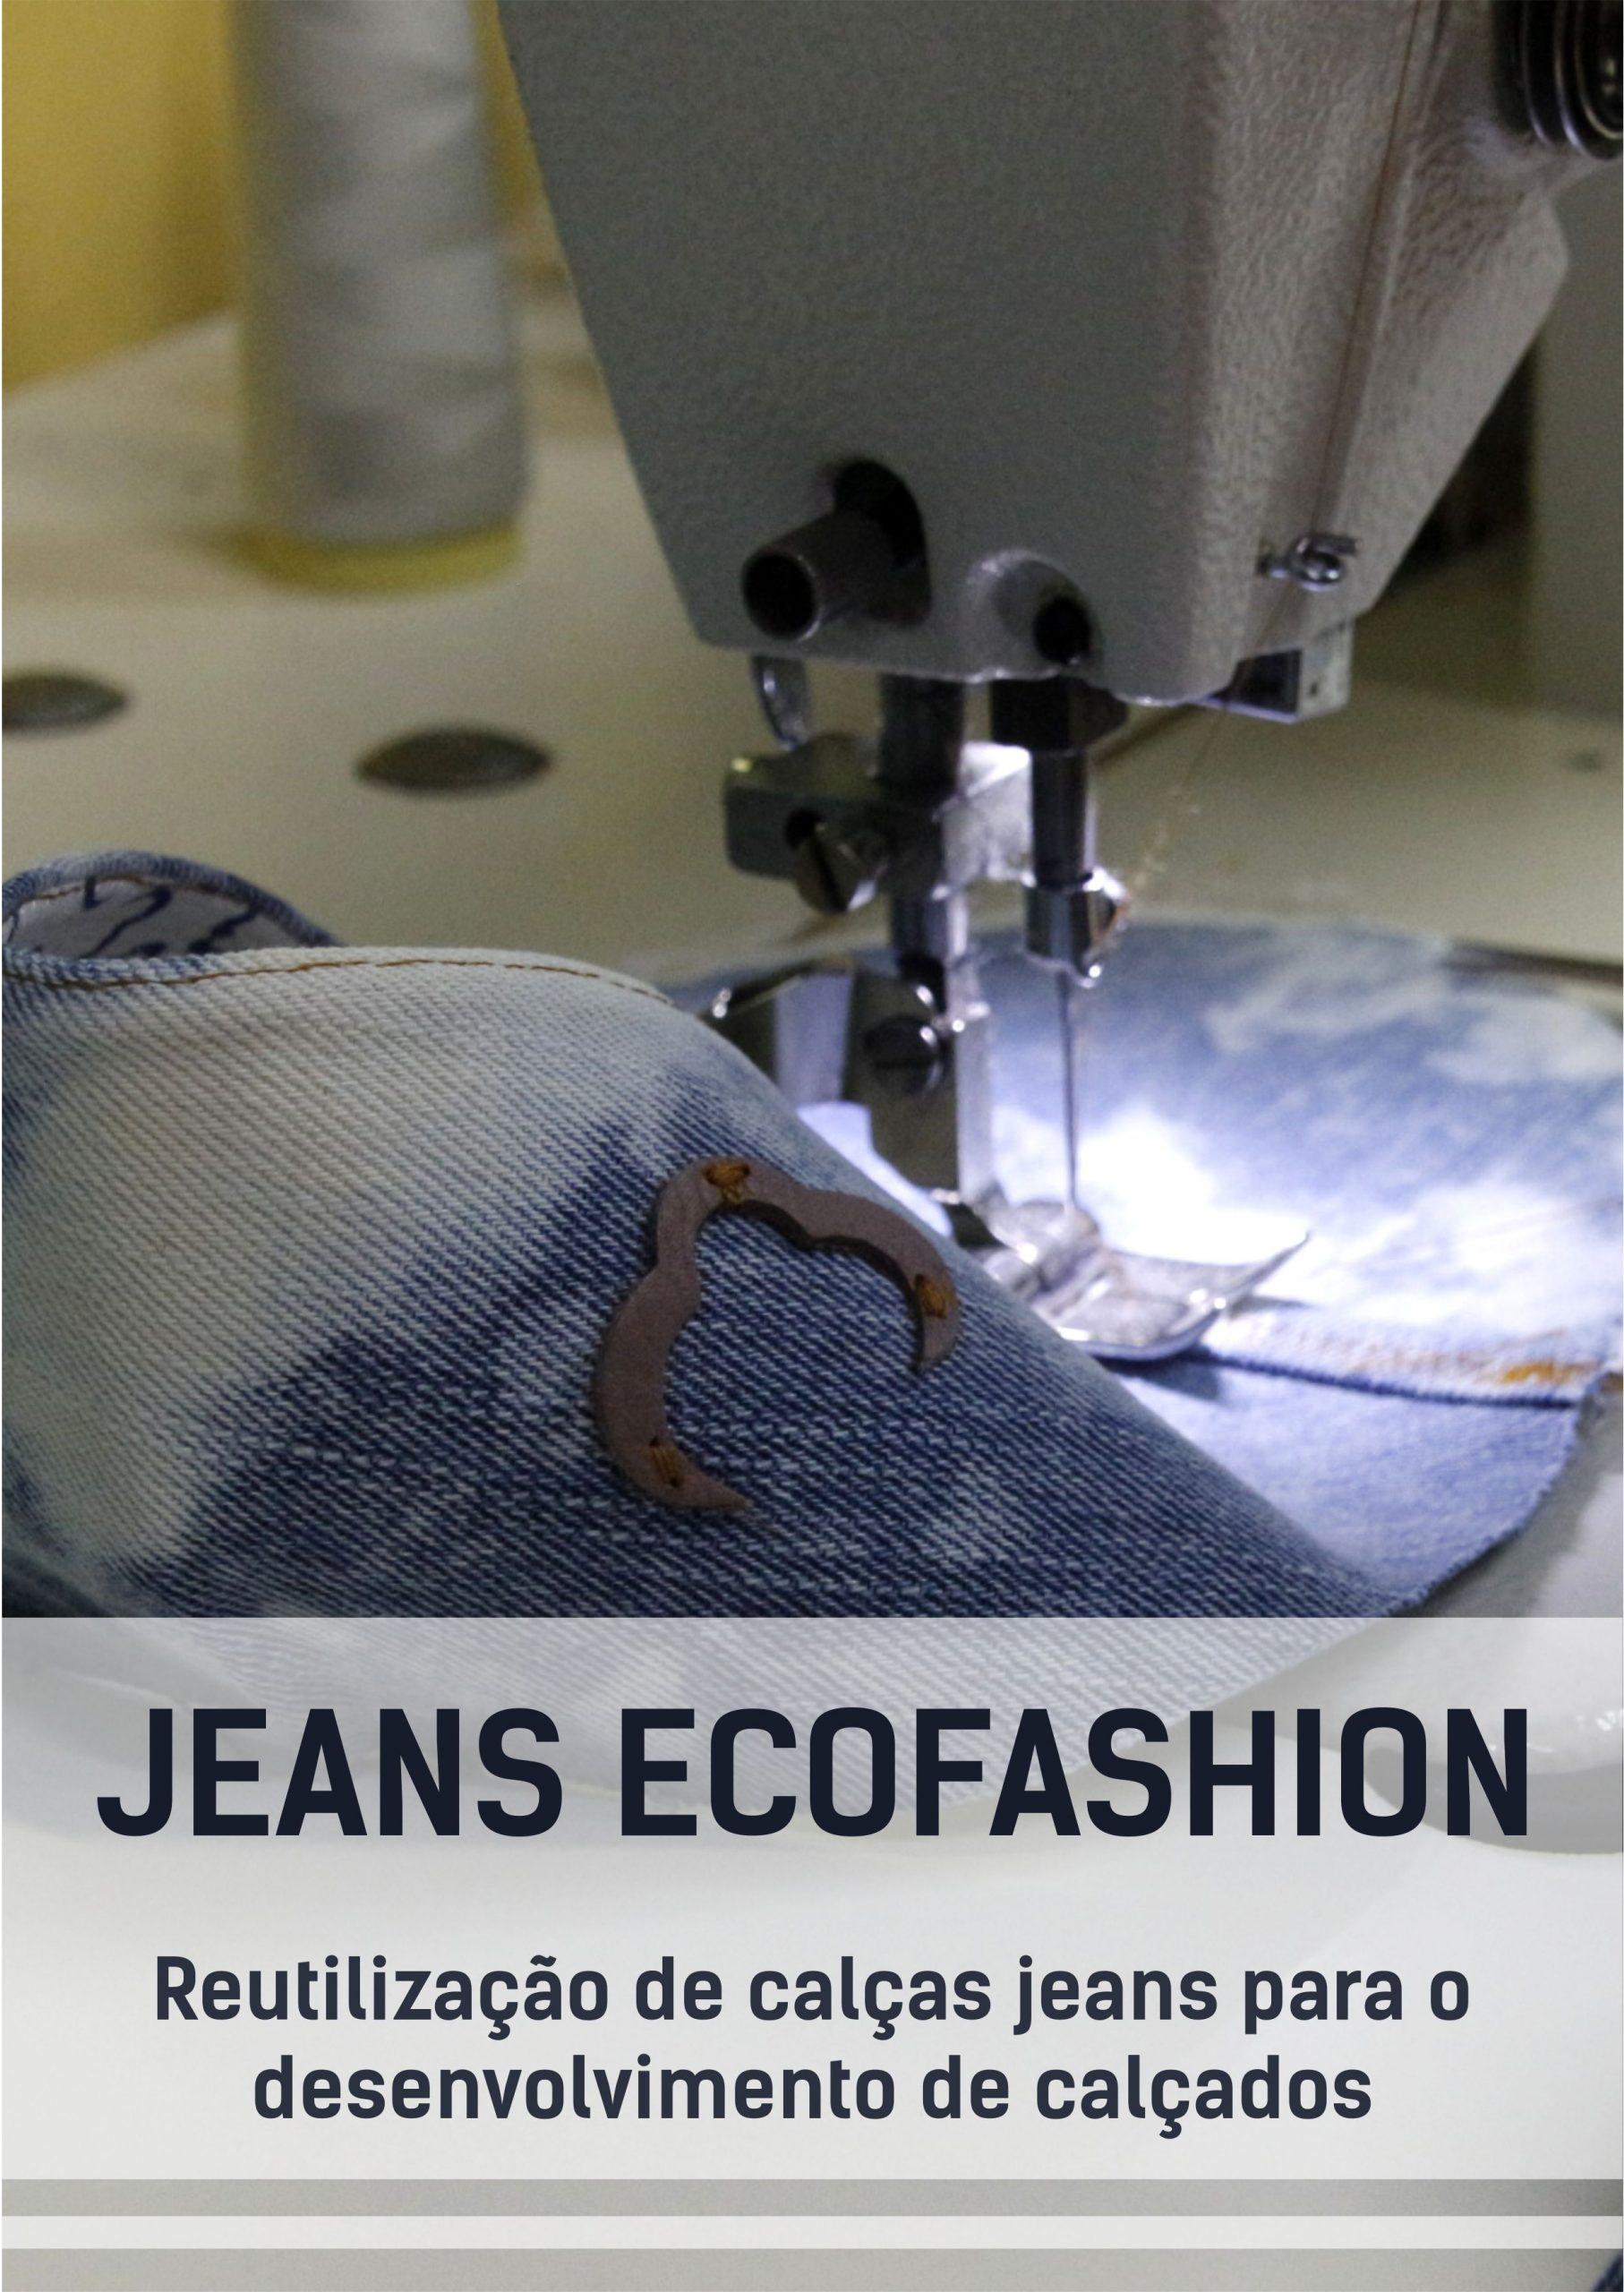 jeans ecofashion